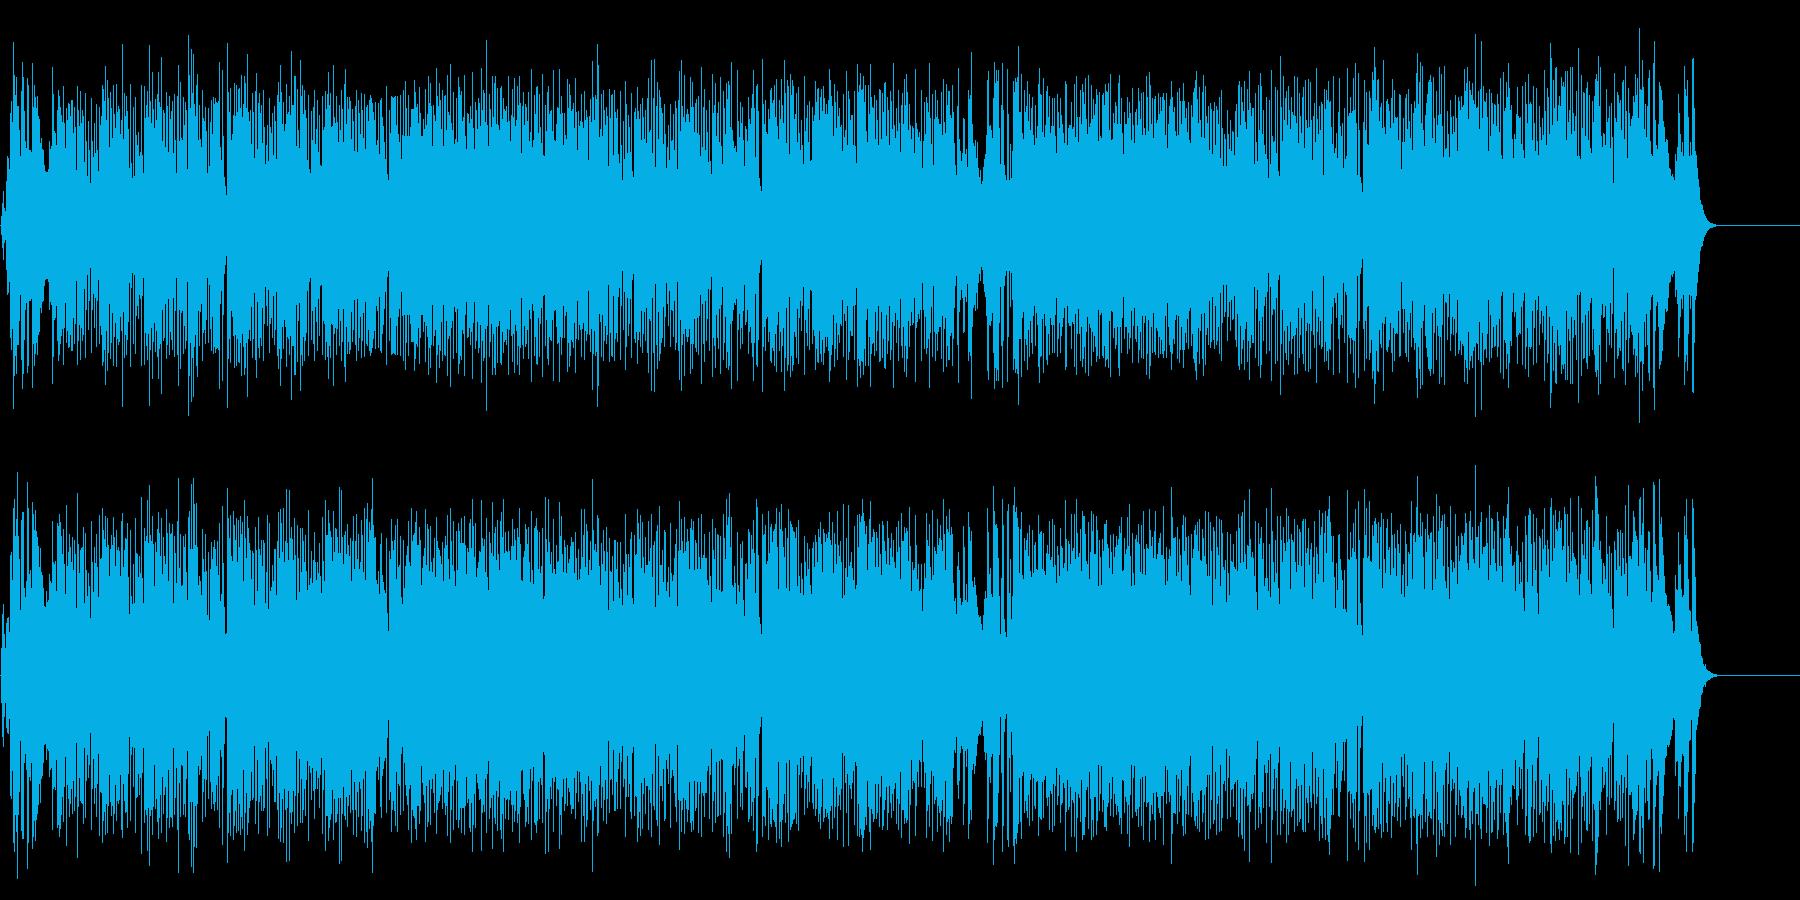 ファンタスティックなポップスの再生済みの波形